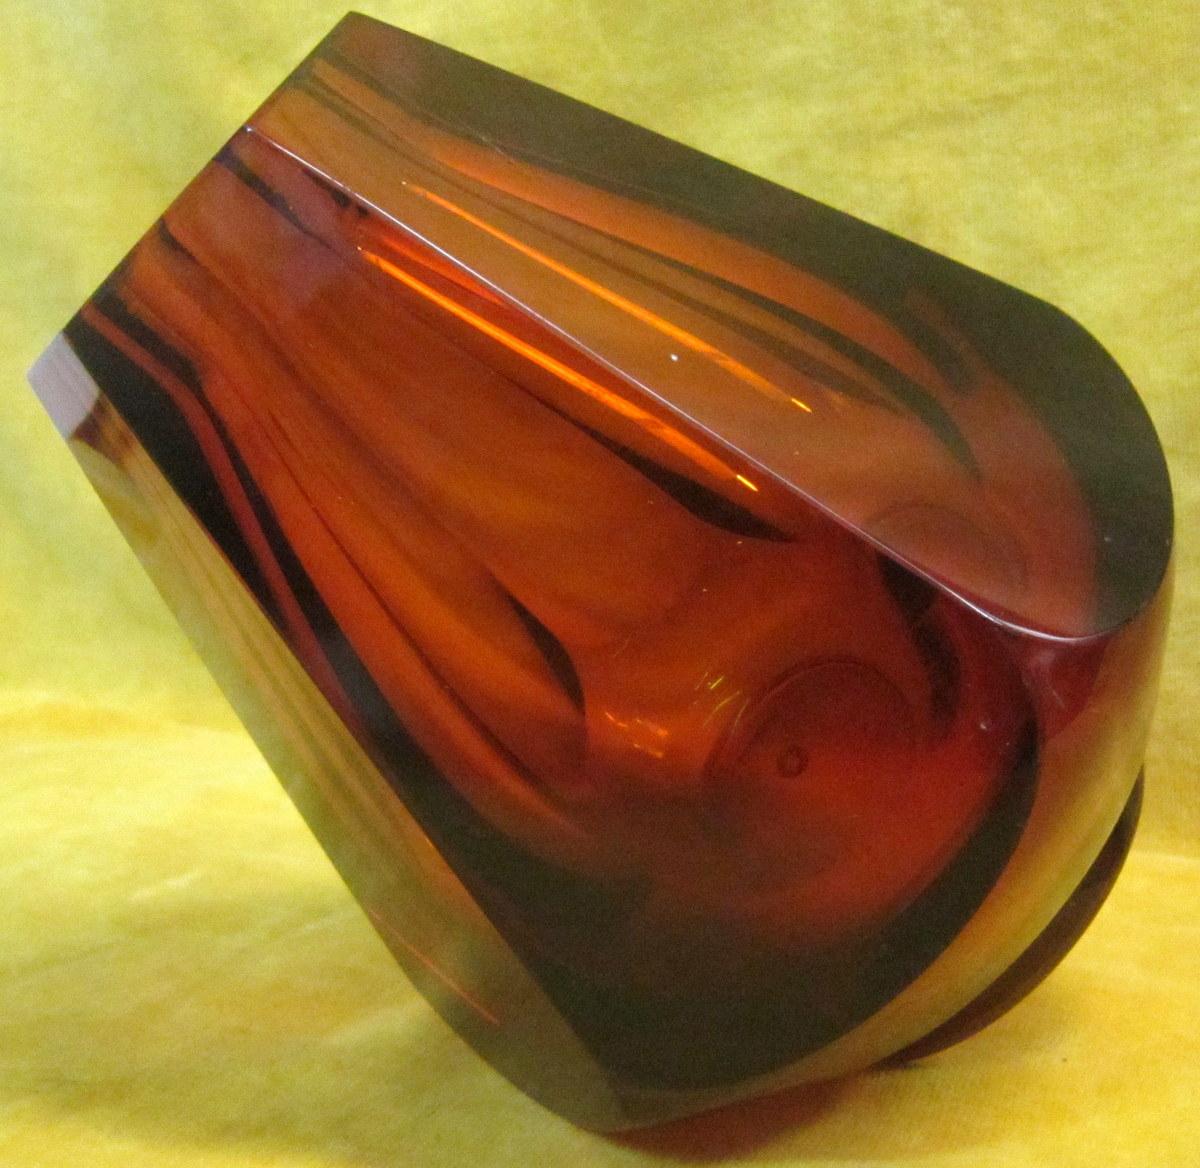 vase verre fum art d co 1930 muller lun ville vases et objets en verre. Black Bedroom Furniture Sets. Home Design Ideas